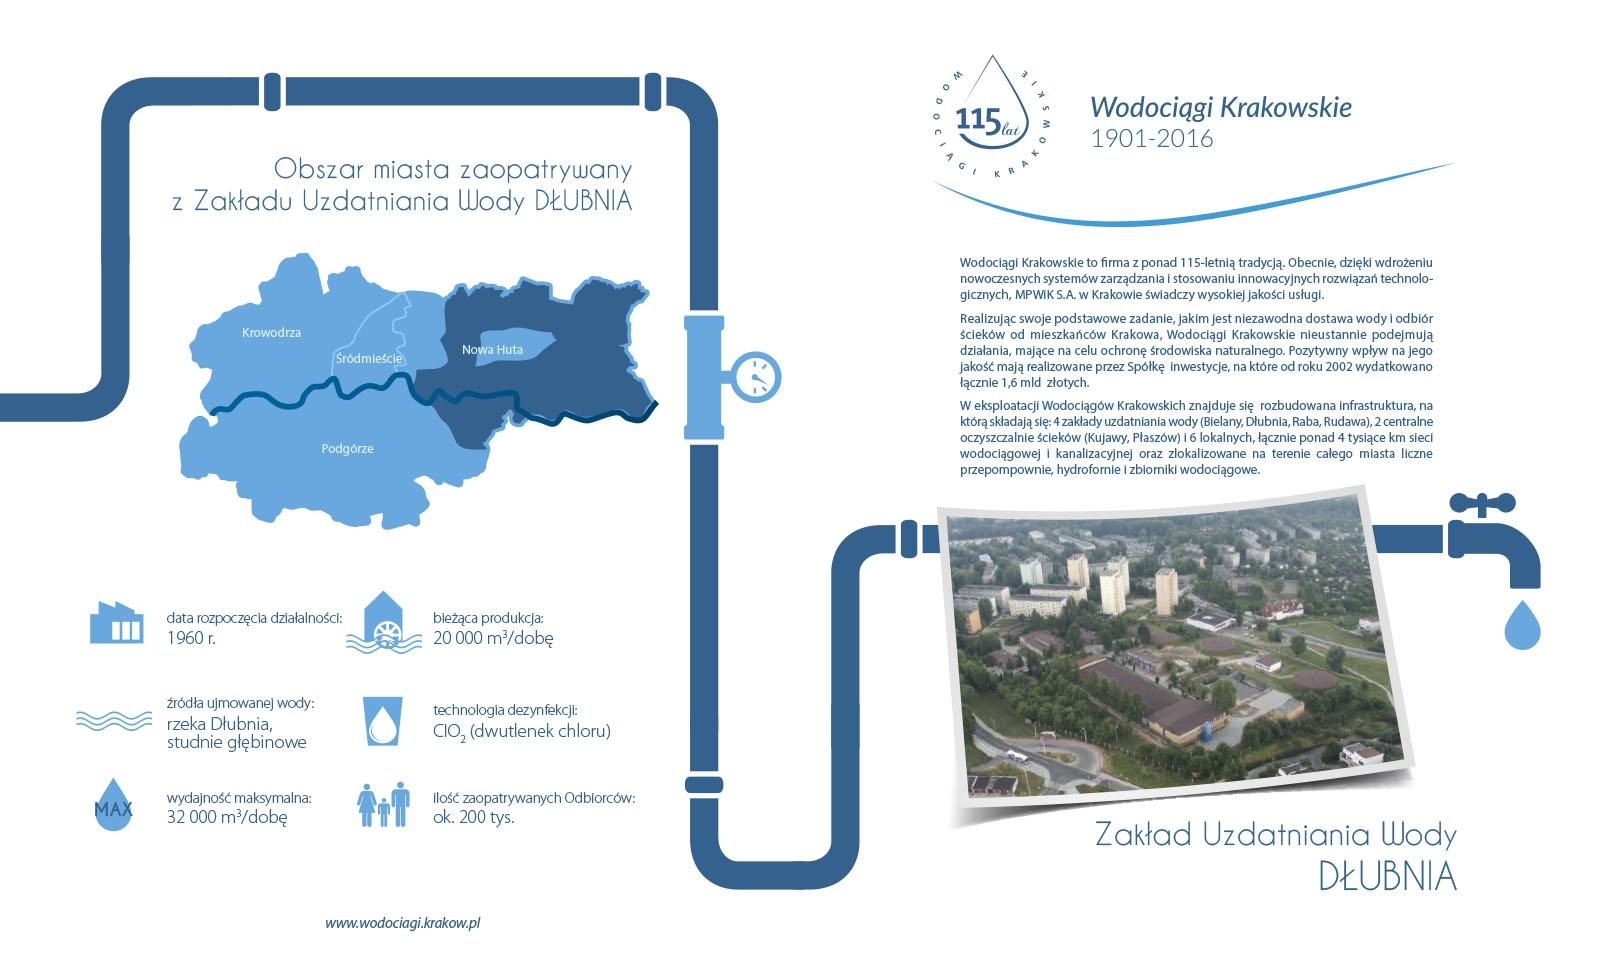 Tytuł: Schemat technologiczno-organizacyjny ZUW Dłubnia - poszczególne strony dostępne tylko po kliknieciu na link